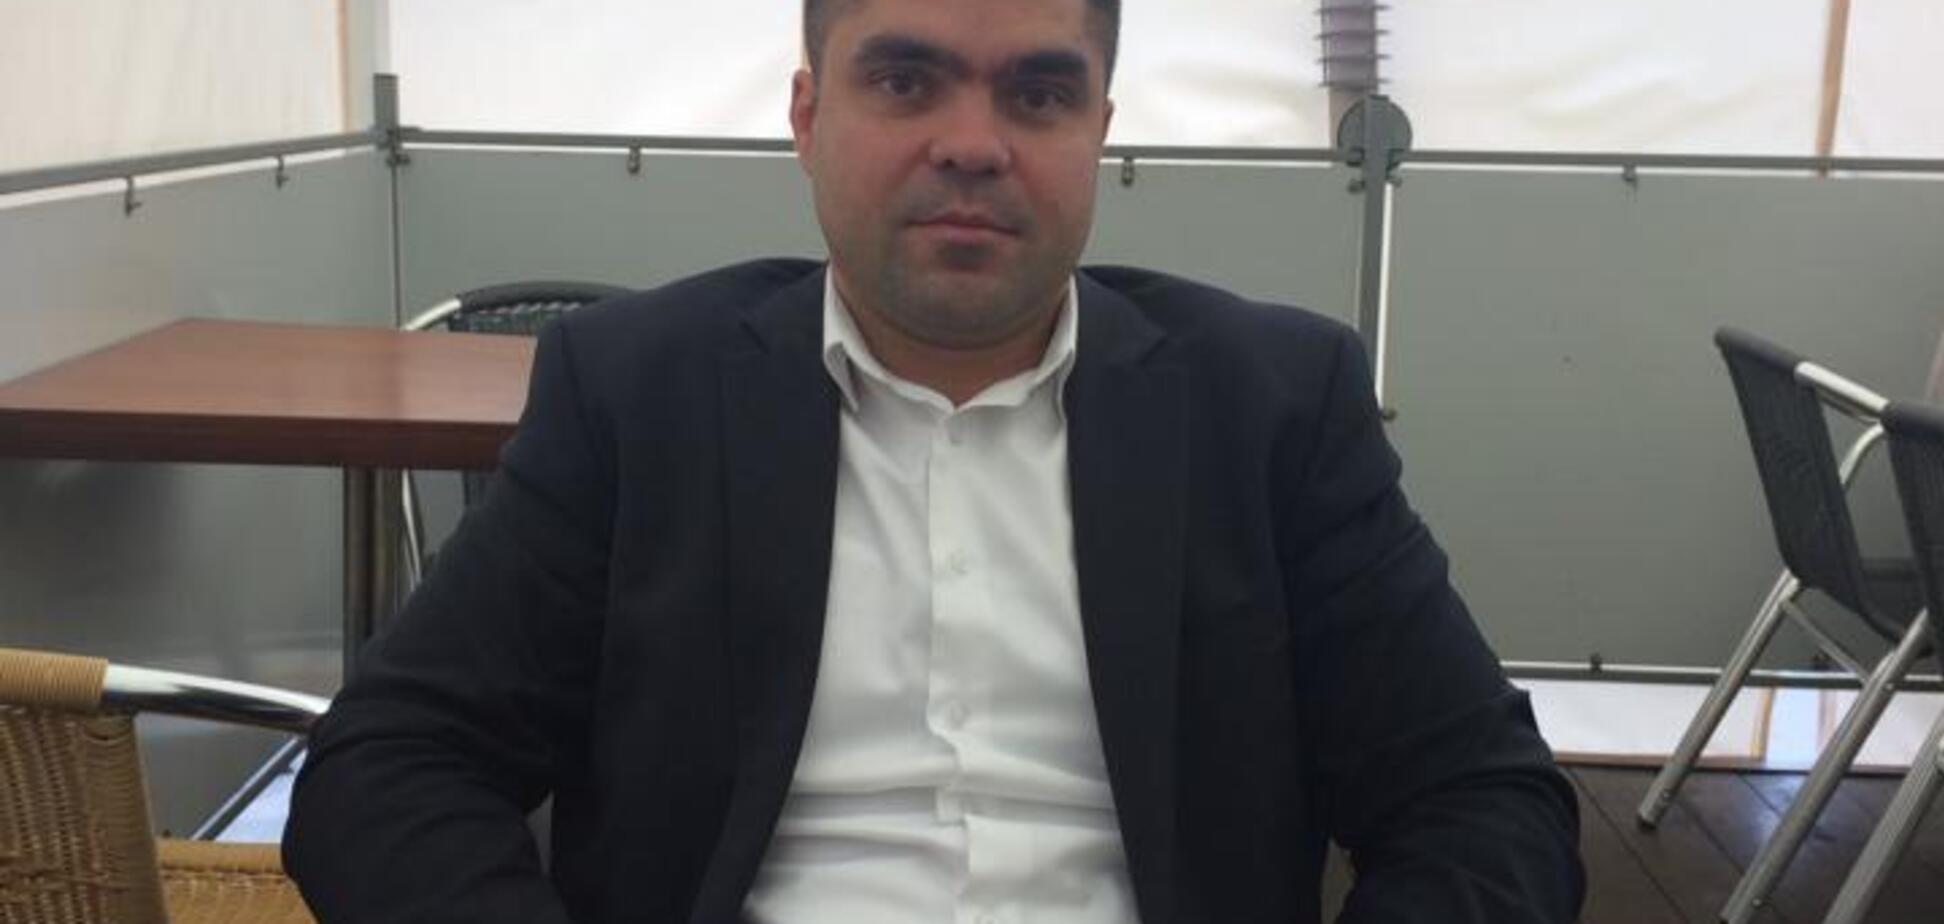 'Это только начало': обвиненный в преследовании сотрудник Нацполиции прокомментировал скандал